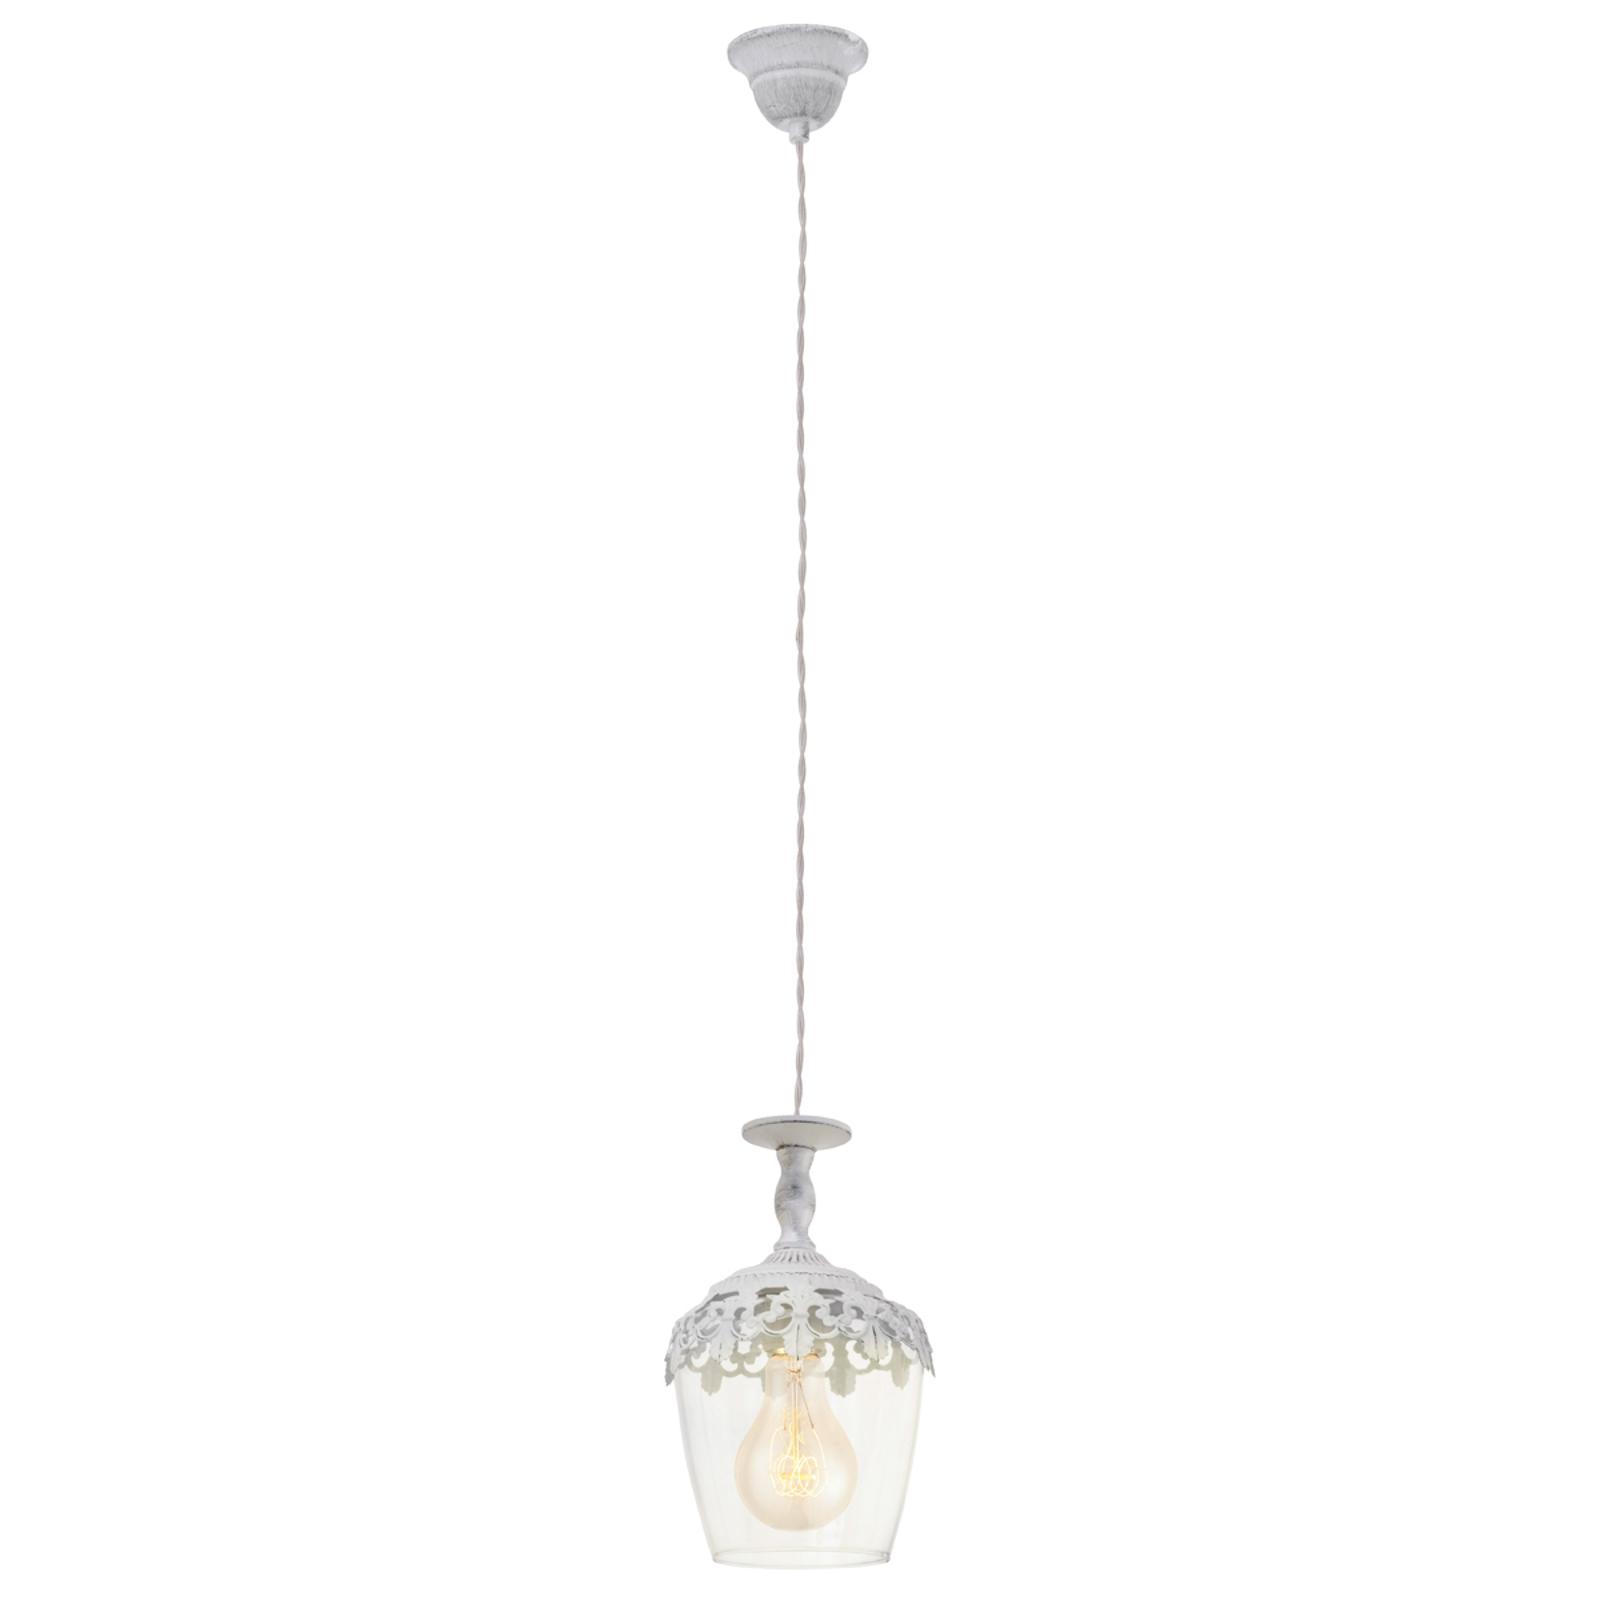 Lámpara colgante Florinia blanca patinada